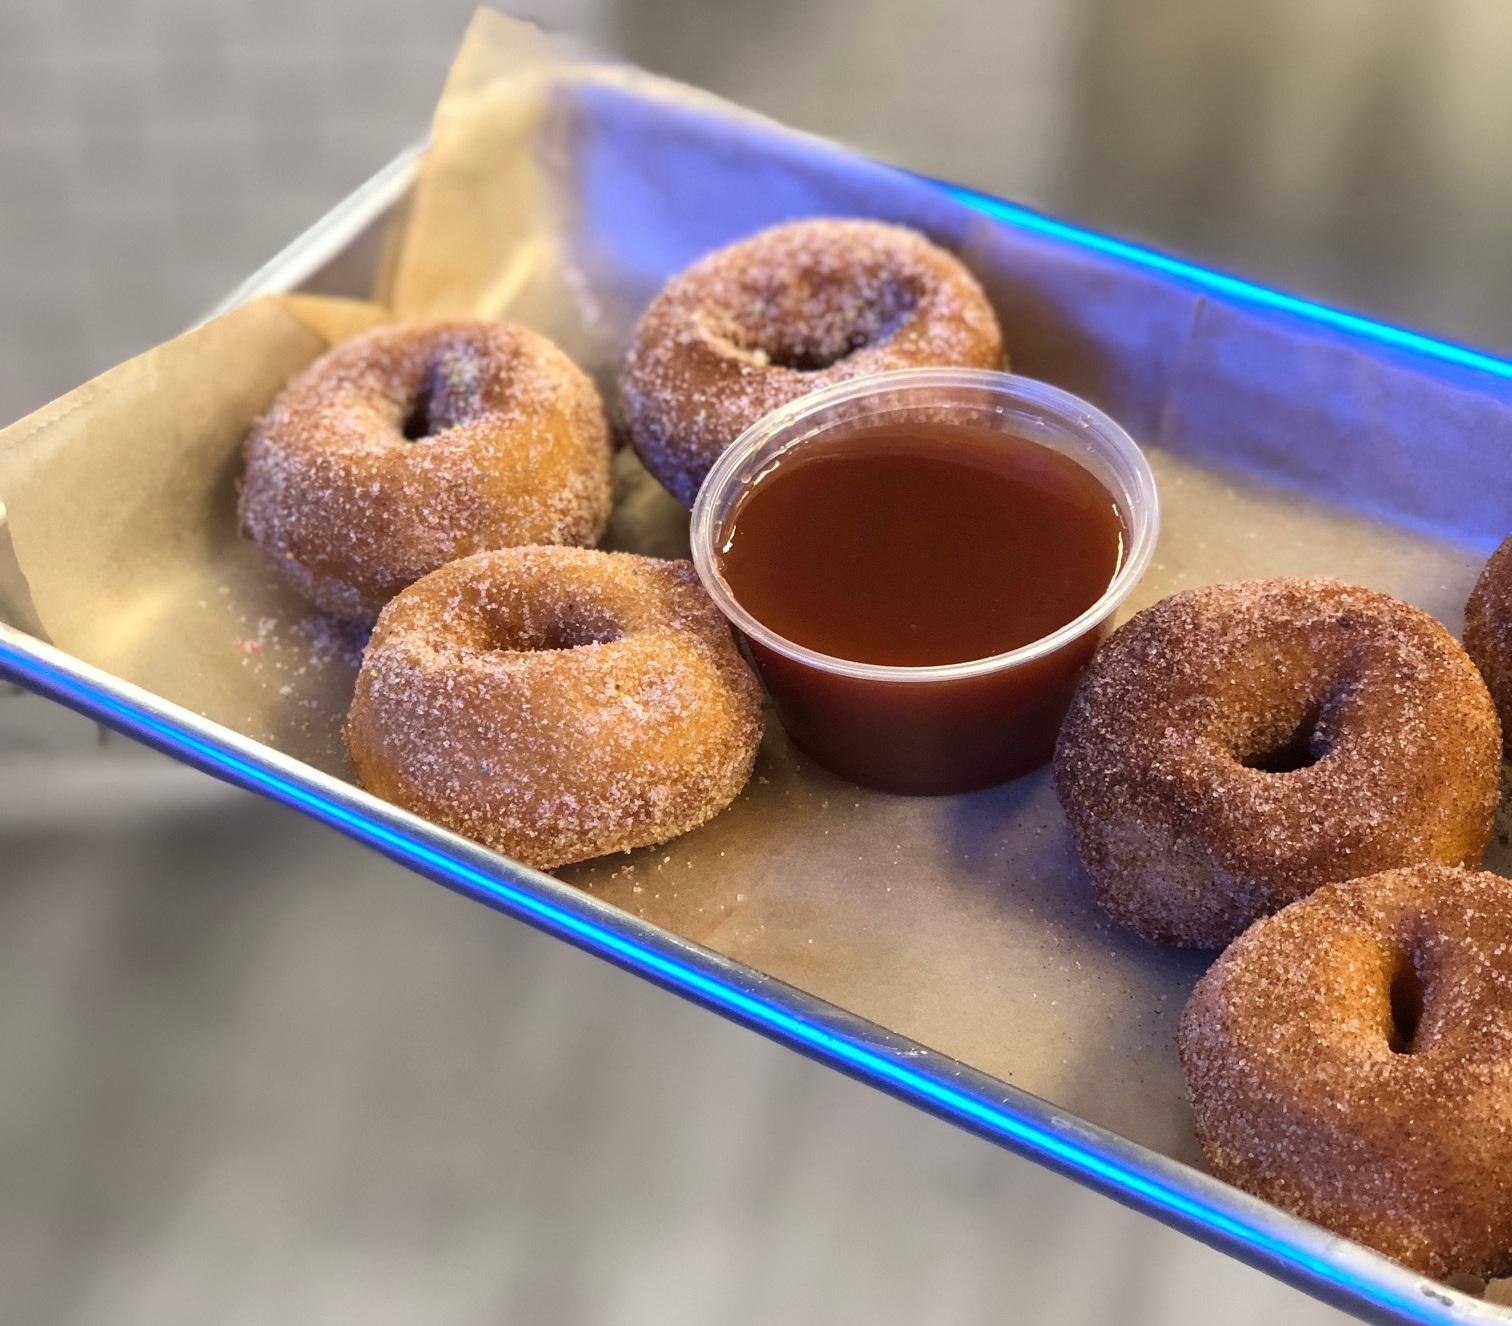 hot+and+fresh+donuts+pretty+sweet.jpg